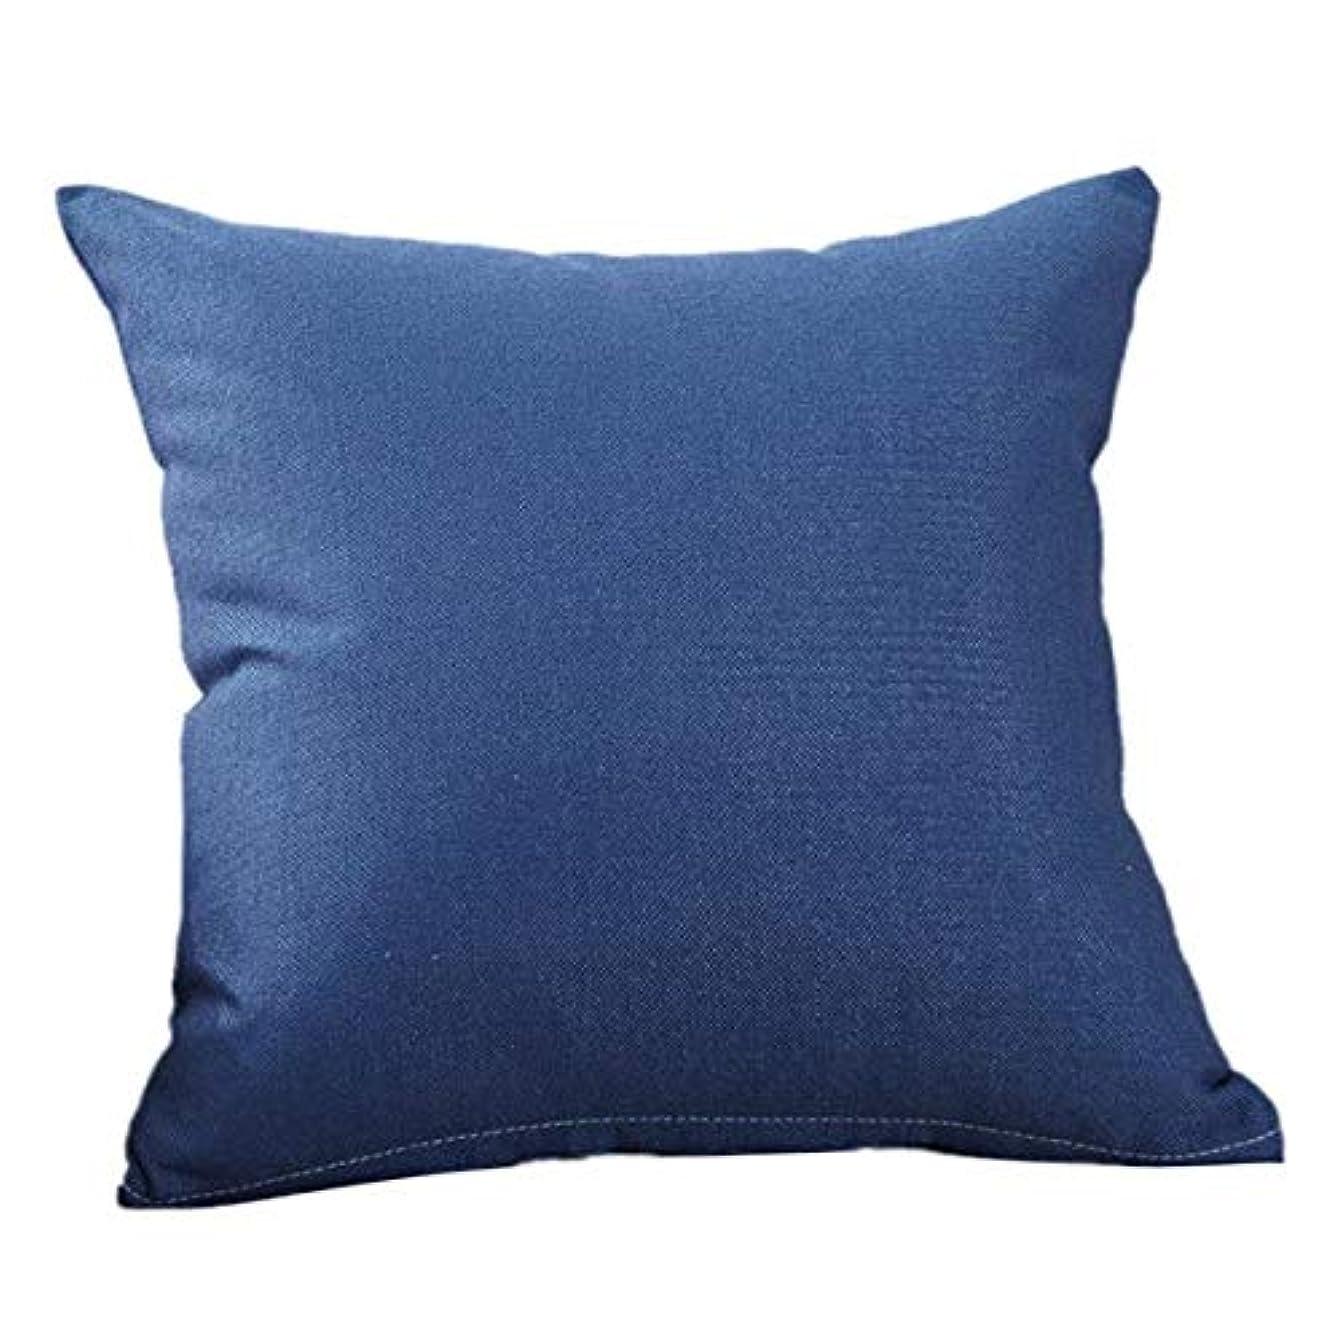 疲労触覚瞑想LIFE クリエイティブシンプルなファッションスロー枕クッションカフェソファクッションのホームインテリア z0403# G20 クッション 椅子